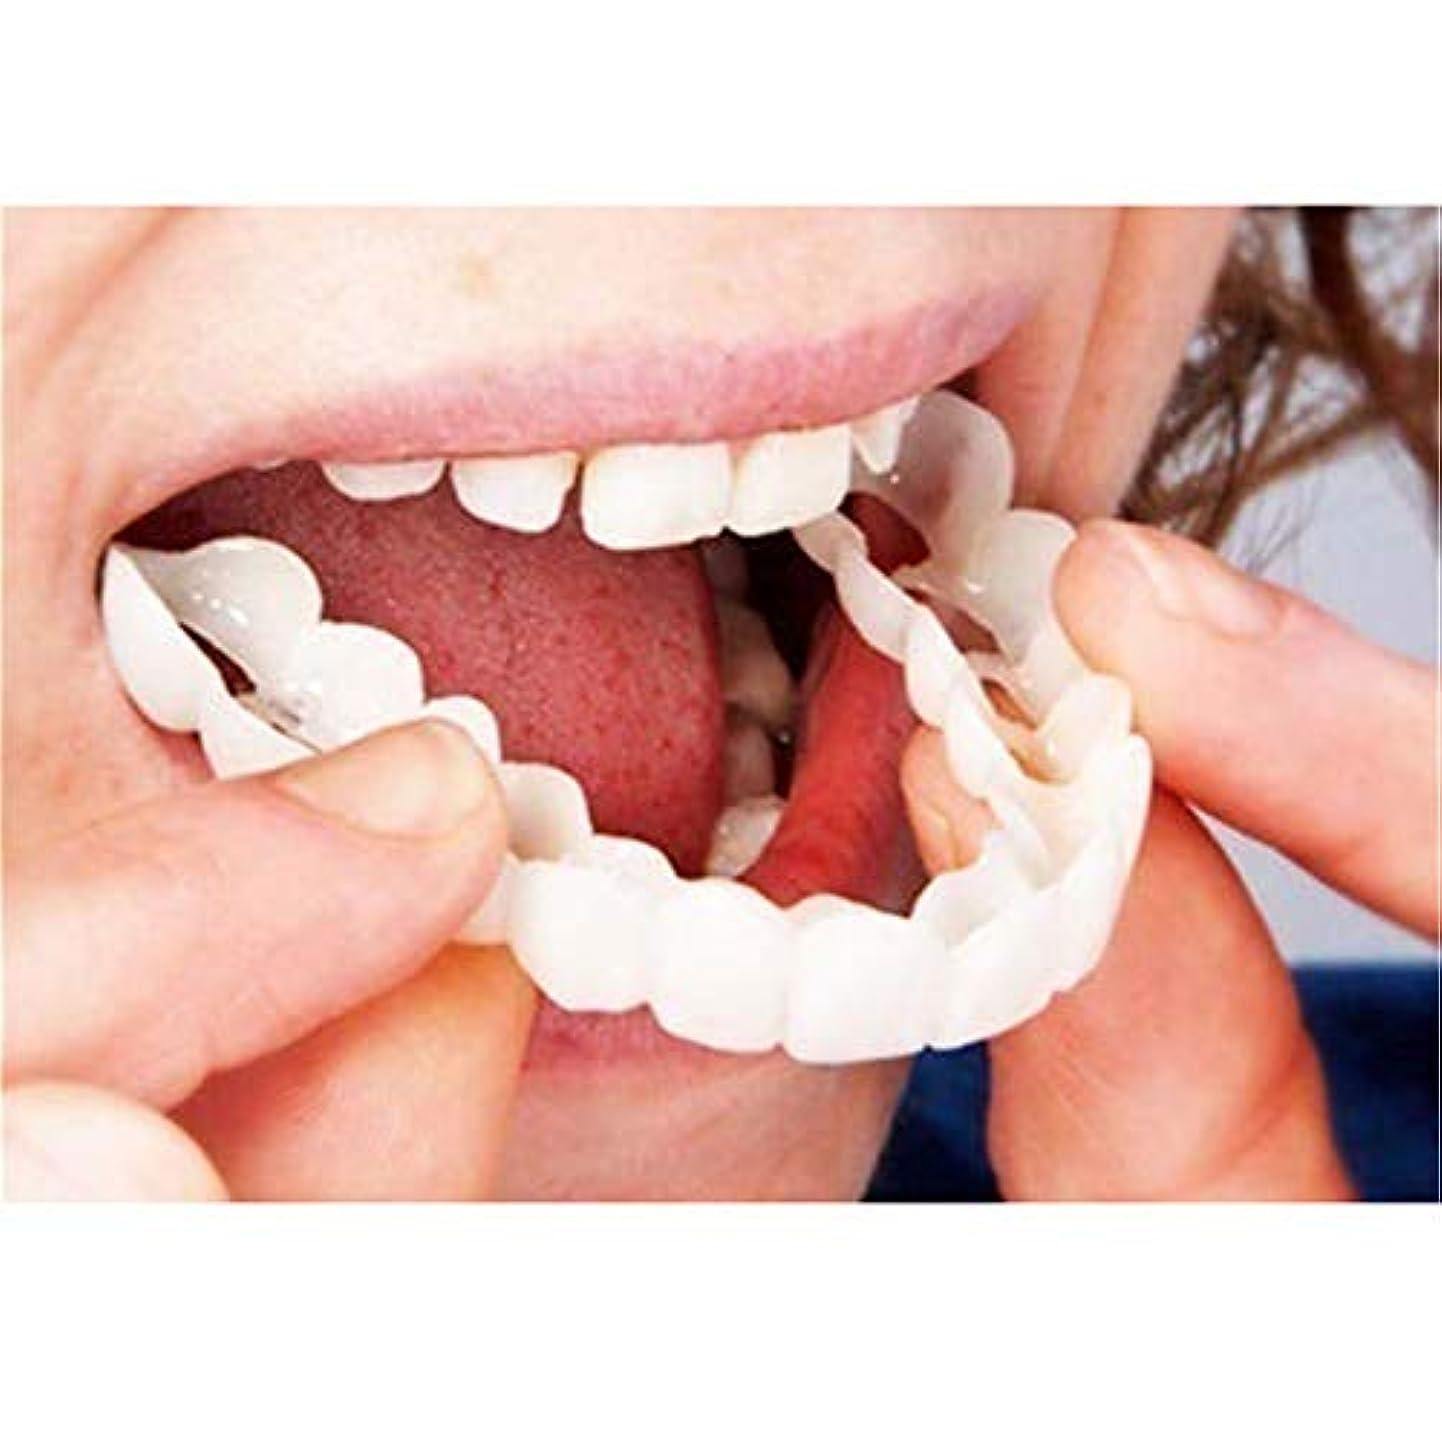 許容アライメント浸したシリコンシミュレーション歯ホワイトニングブレース(1個),Lowerteeth